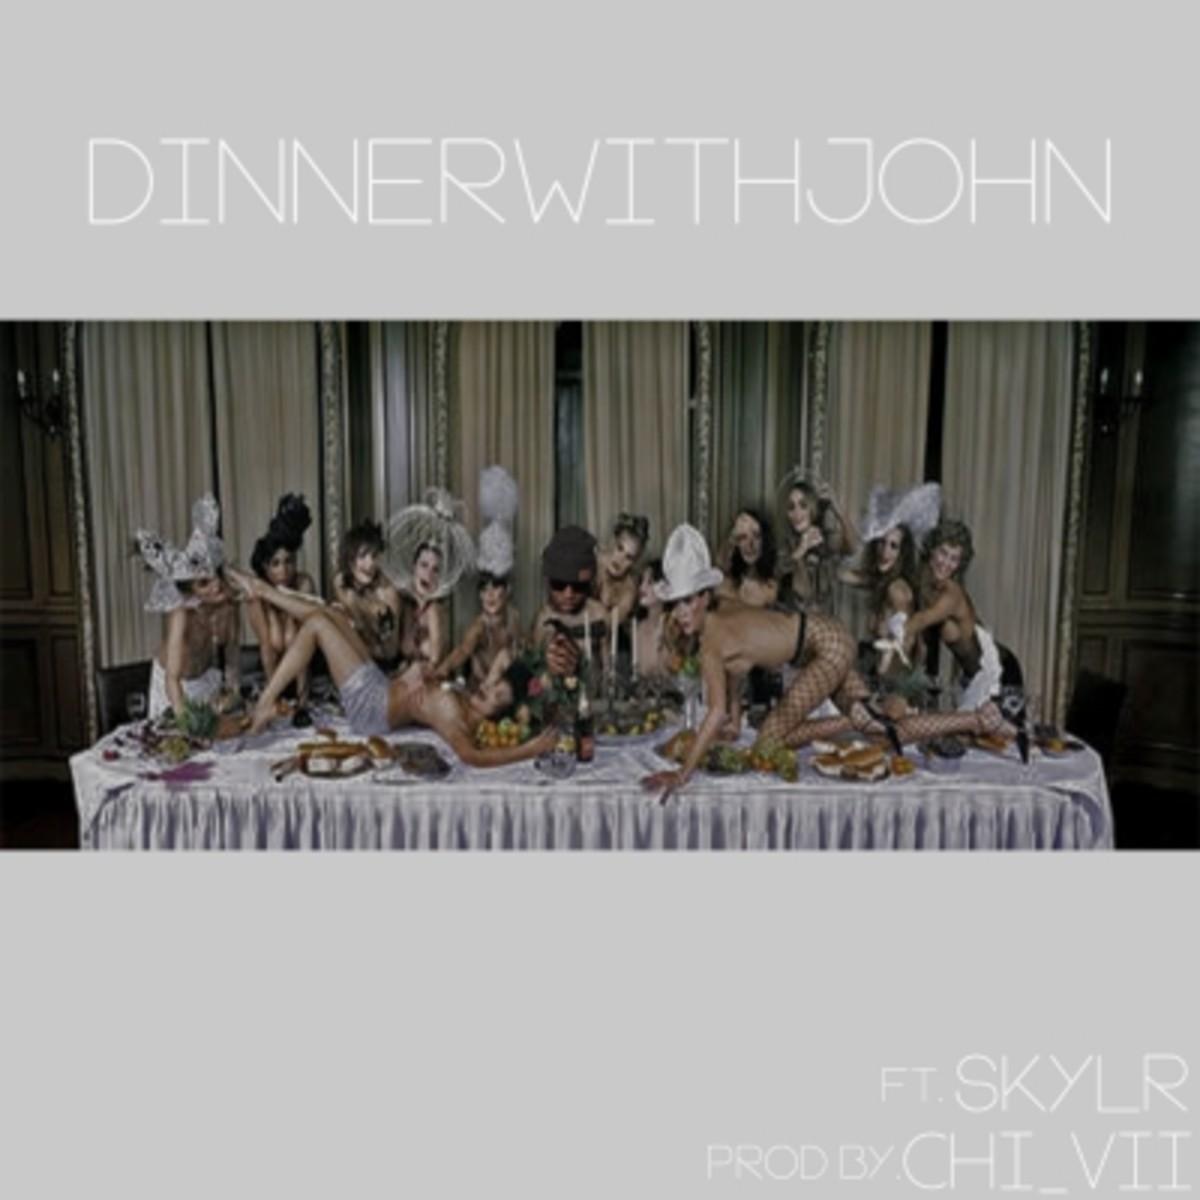 john-walt-dinner-with-john.jpg